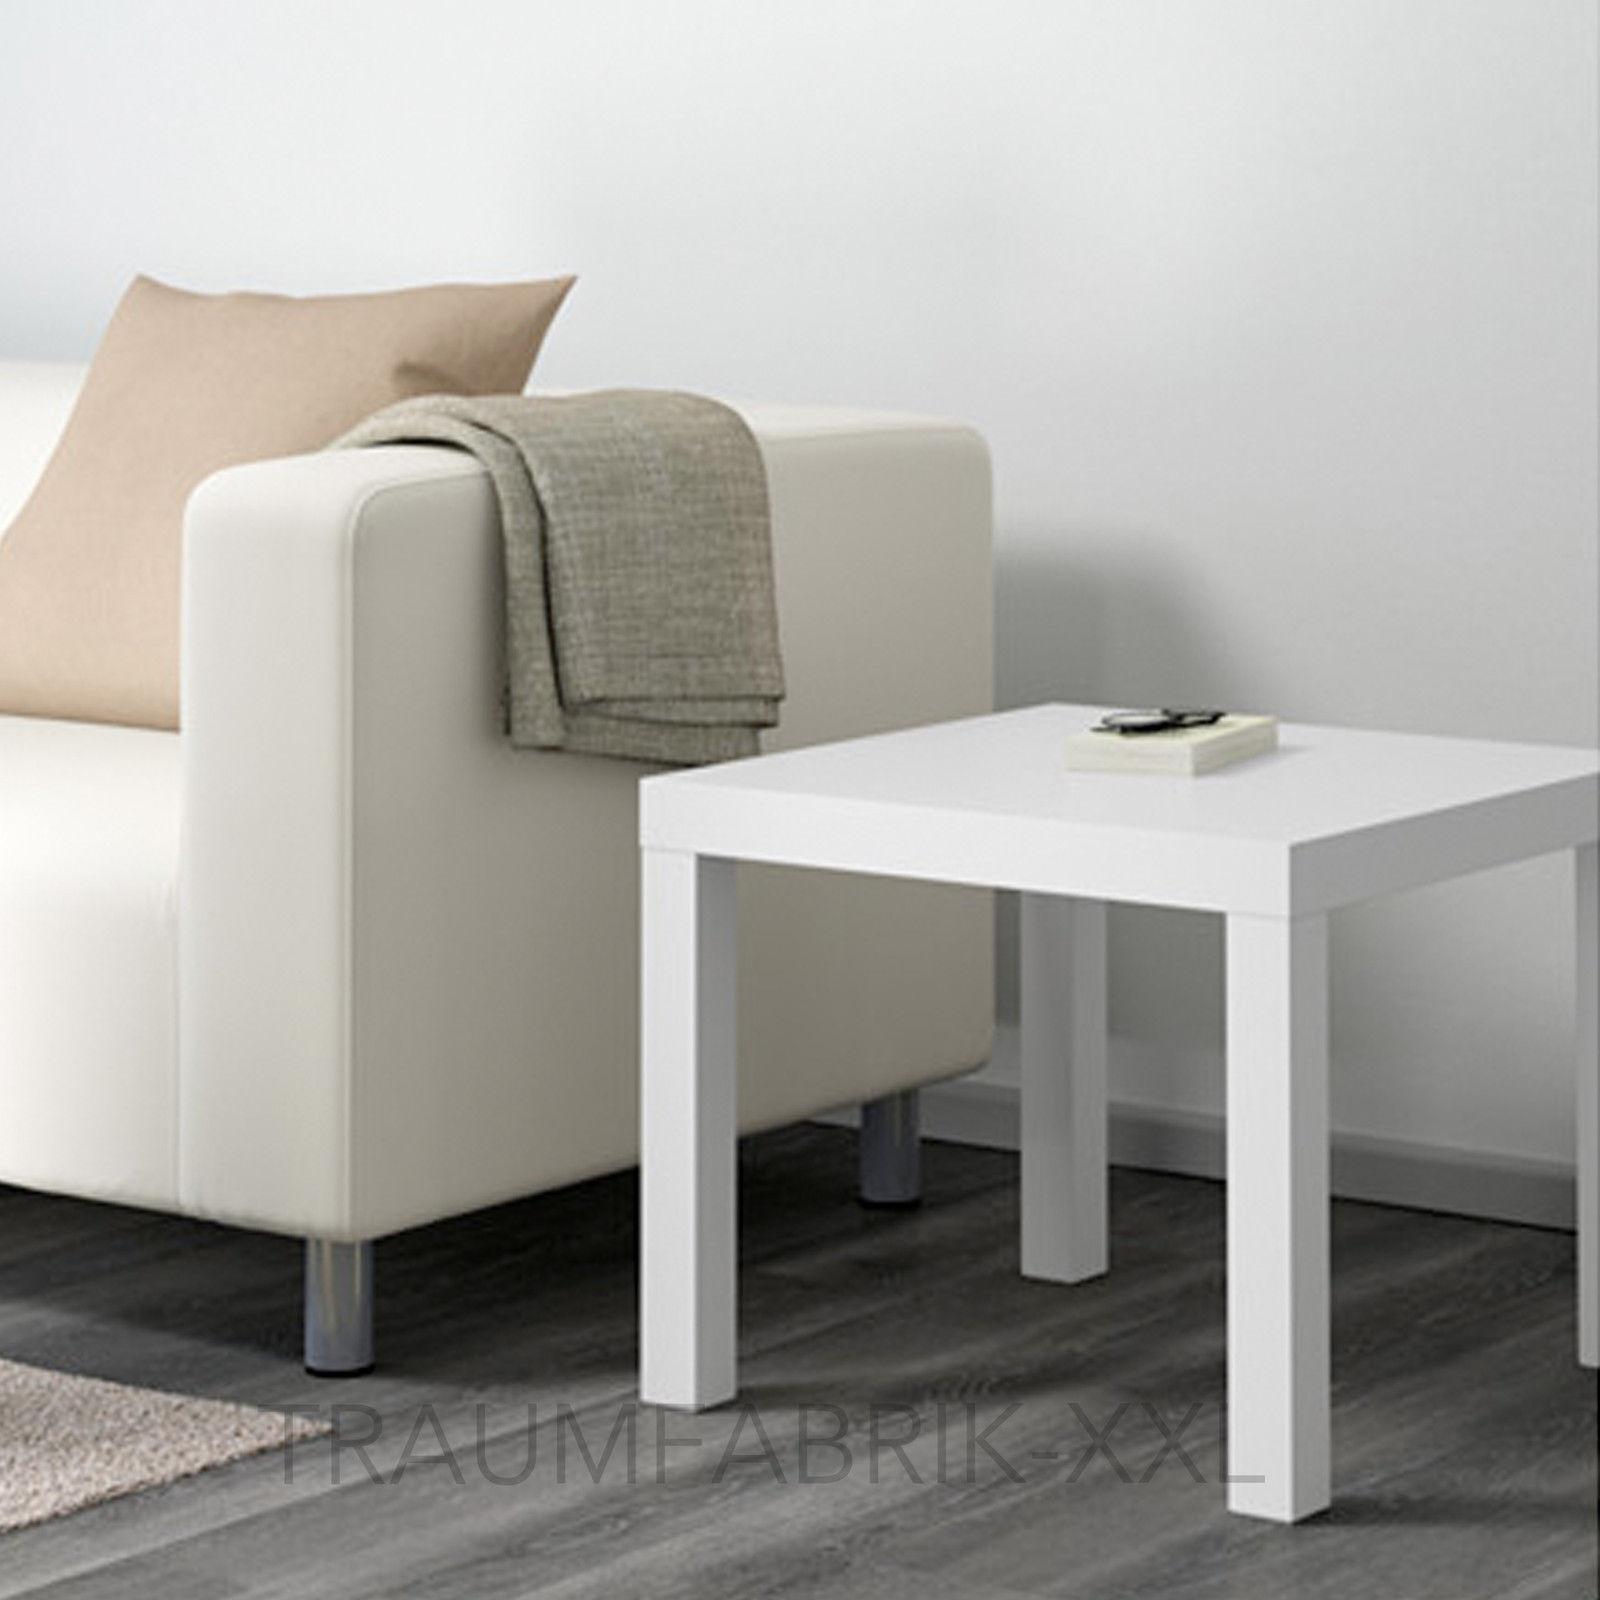 Ikea Lack Beistelltisch In Weiß 55x55cm Couchtisch Sofatisch